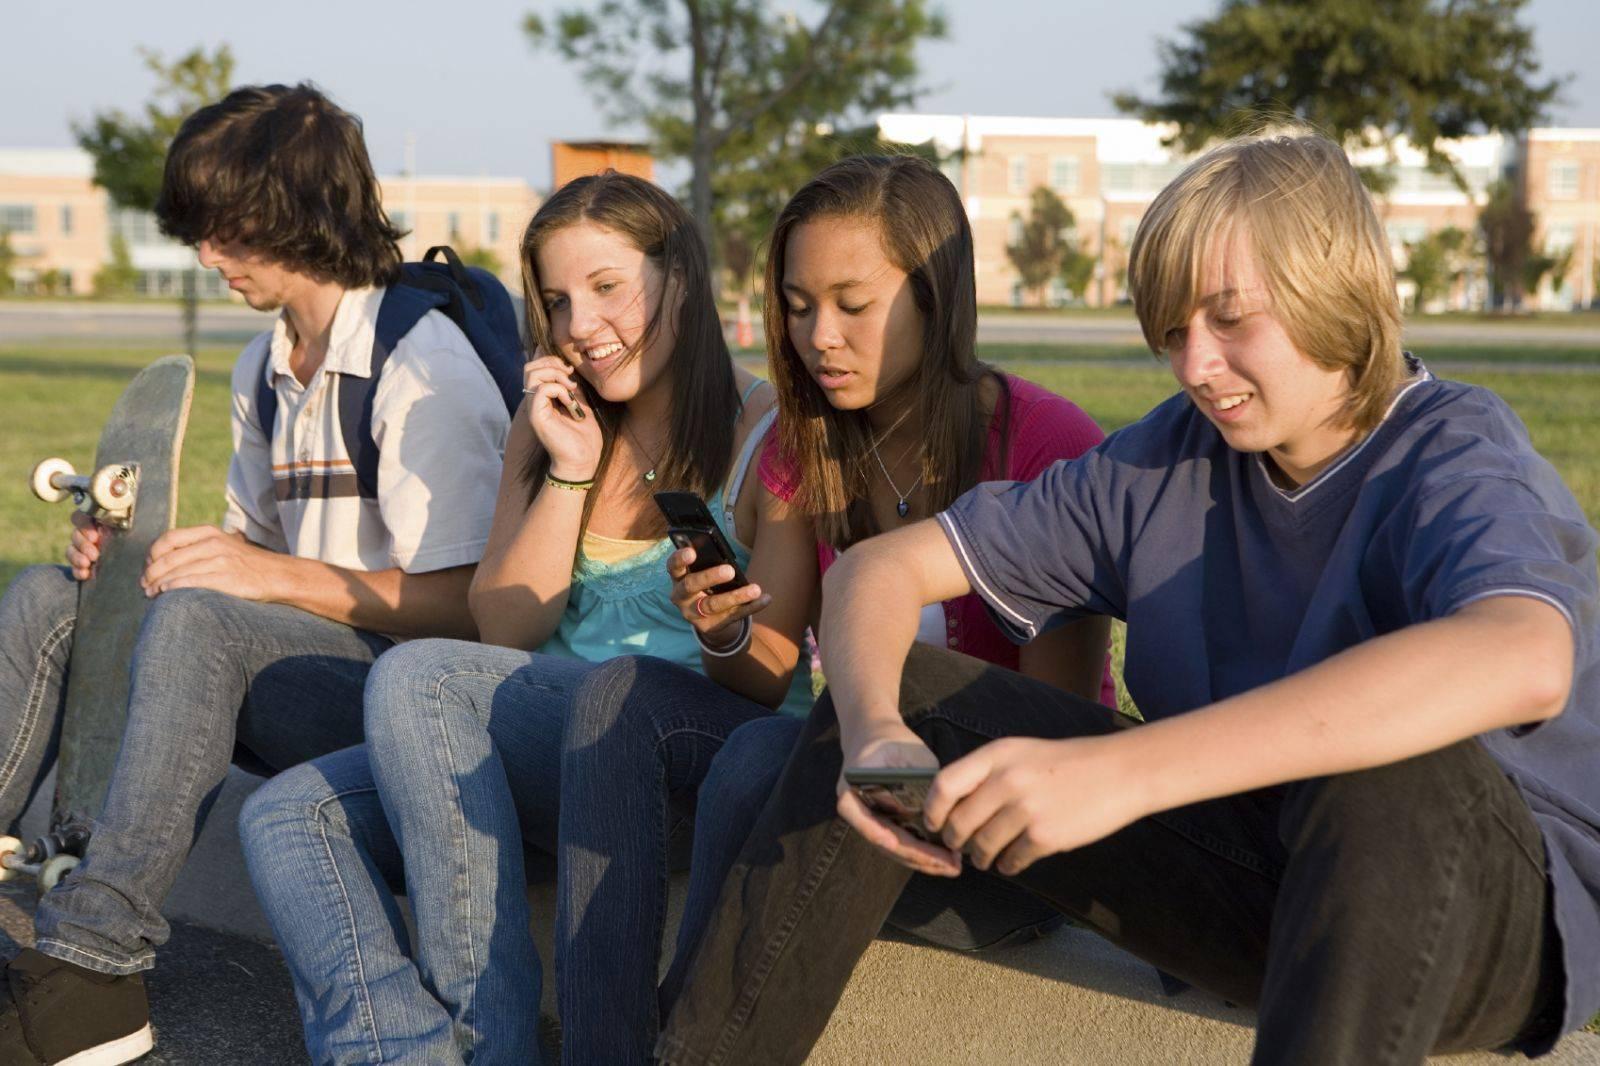 Чем увлечь подростка: полезные идеи, которые помогут заработать